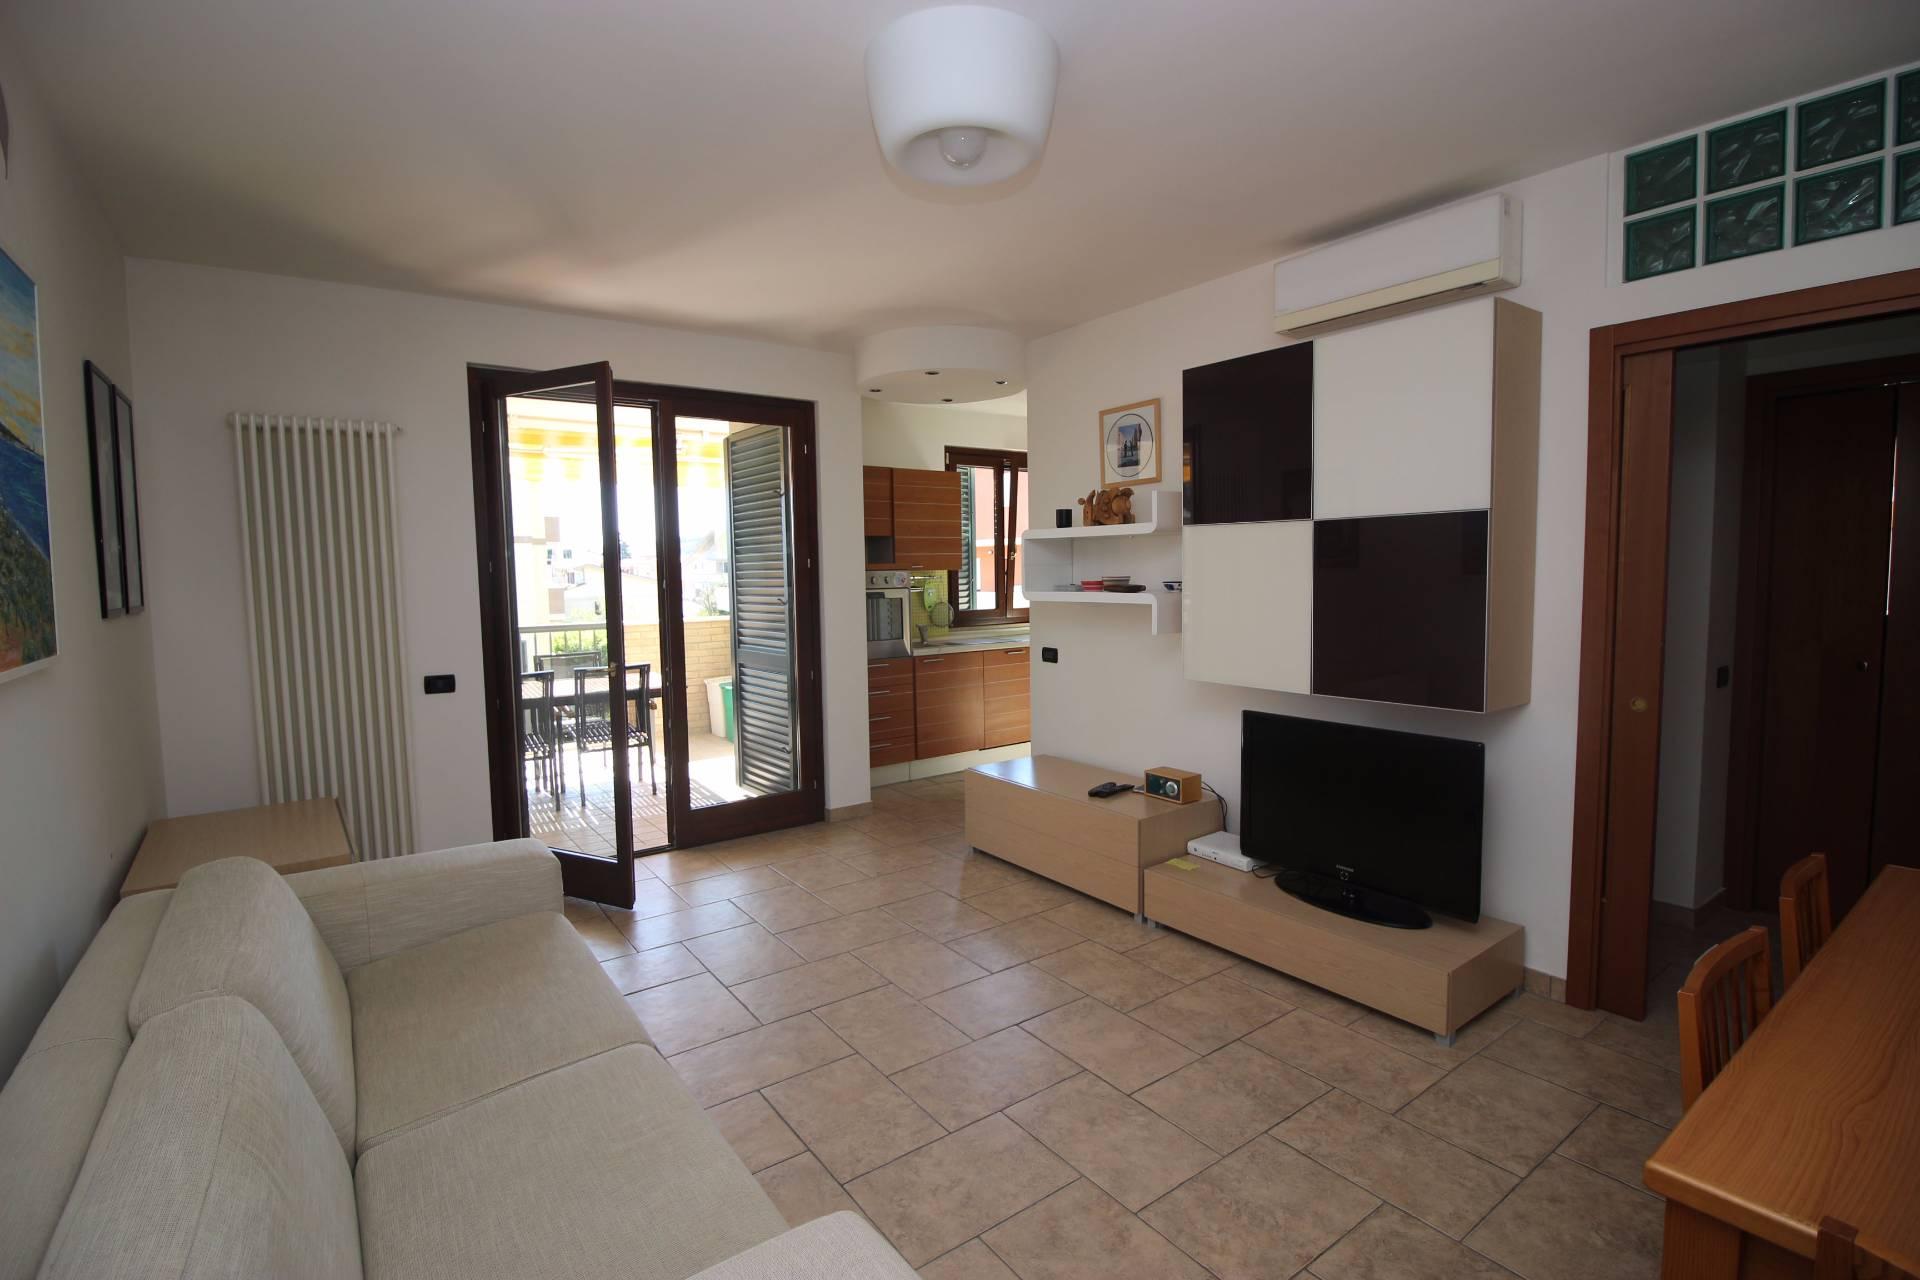 Appartamento in vendita a Tortoreto, 3 locali, zona Località: TortoretoLido, prezzo € 138.000 | CambioCasa.it